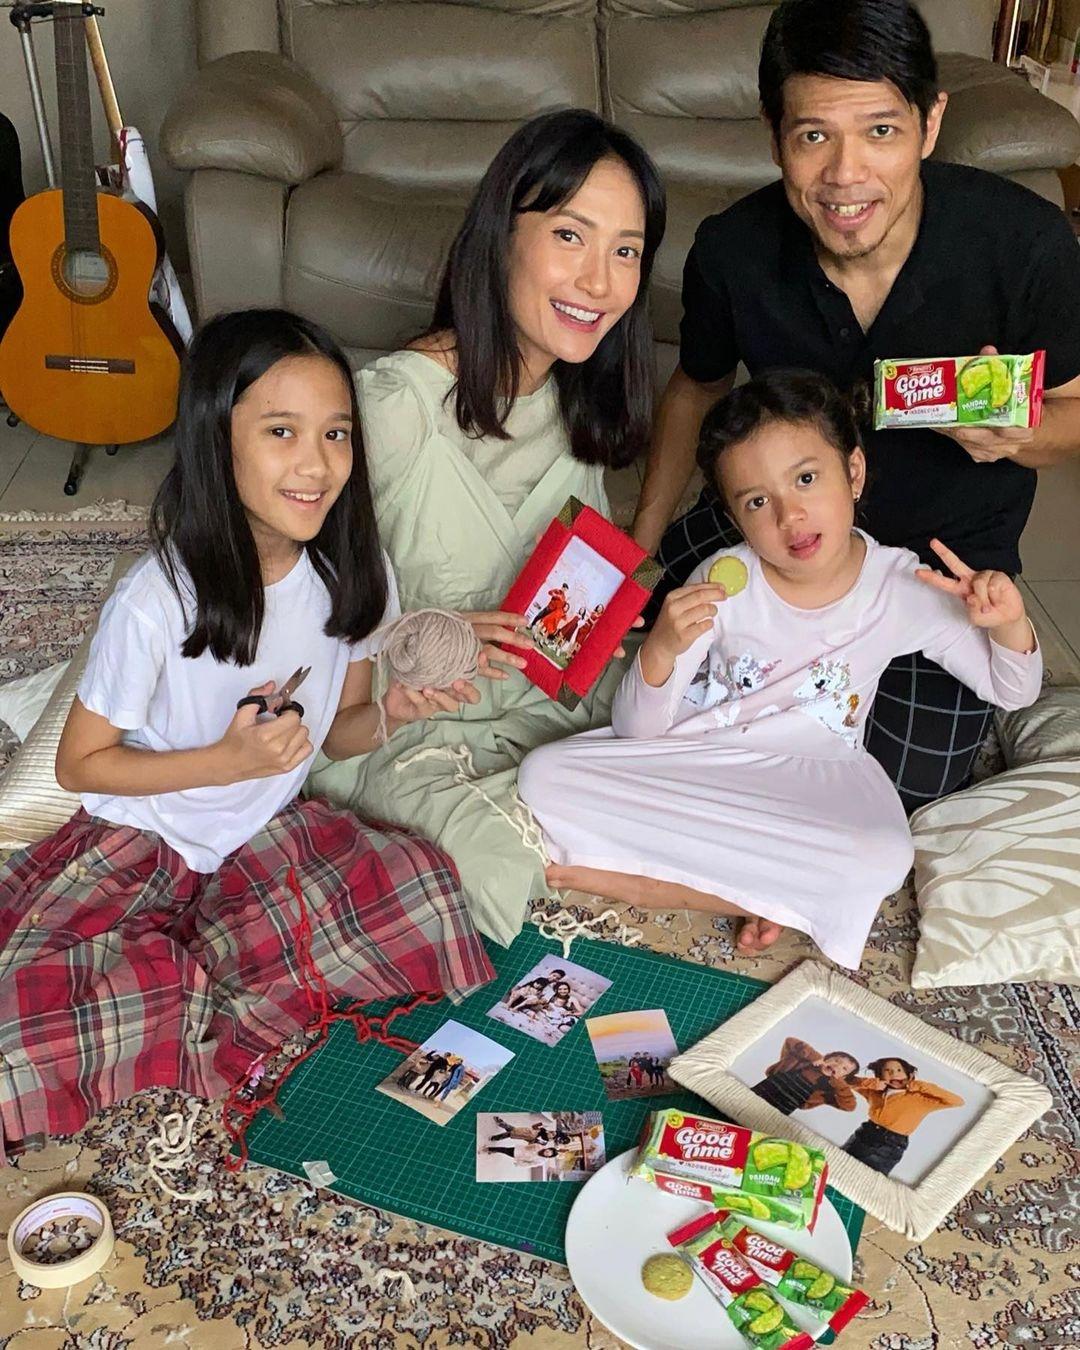 Spesial-Hari-Ibu-Bersama-9-Ratu-Kecantikan-Indonesia-Yang-Berprestasi-Dan-Membanggakan-Indonesia-Artika-Sari-Devi-Puteri-Indonesia-2004